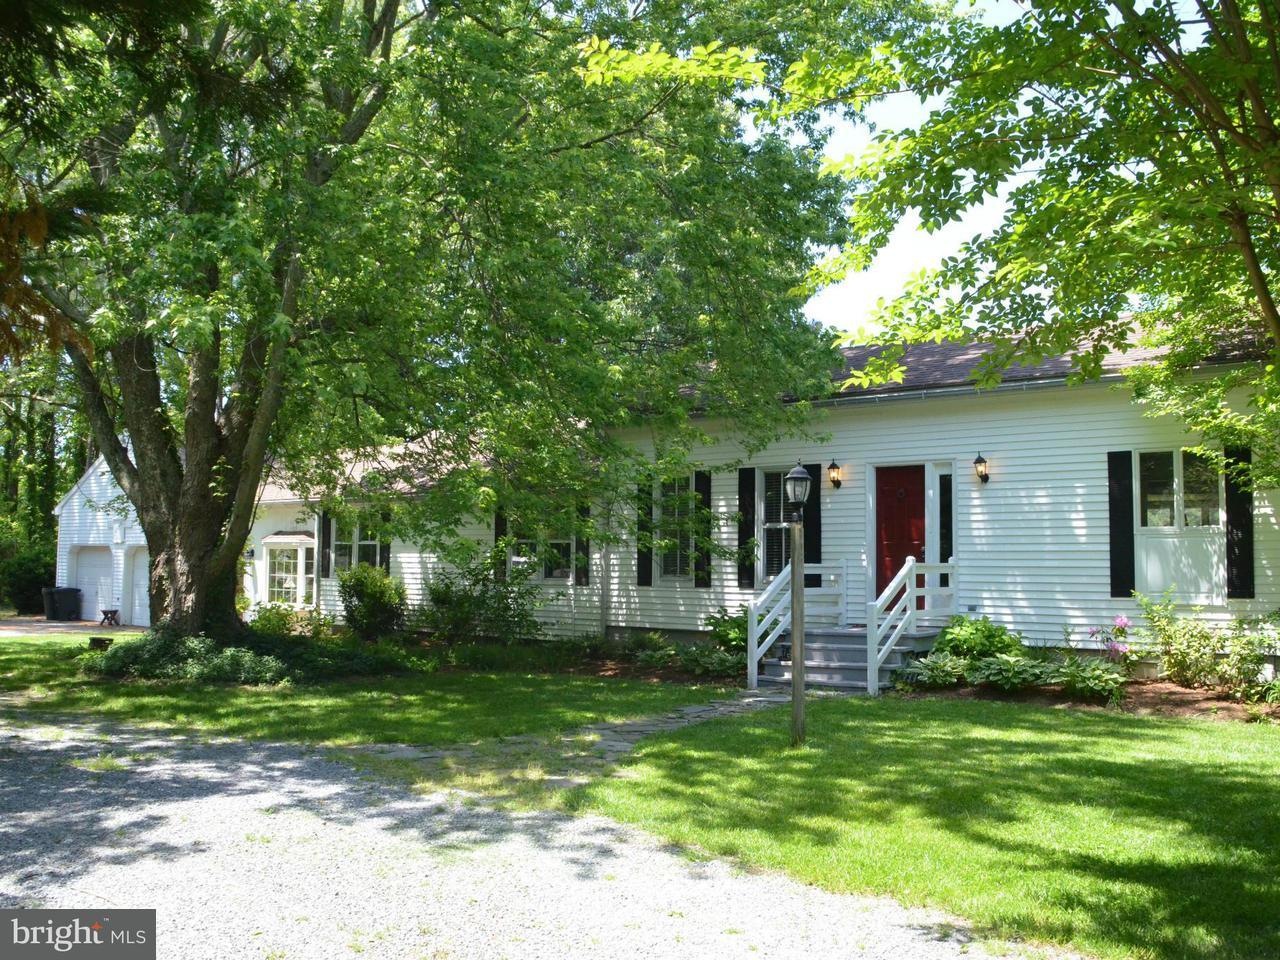 Частный односемейный дом для того Продажа на 8060 Bozman Neavitt Road 8060 Bozman Neavitt Road Bozman, Мэриленд 21612 Соединенные Штаты